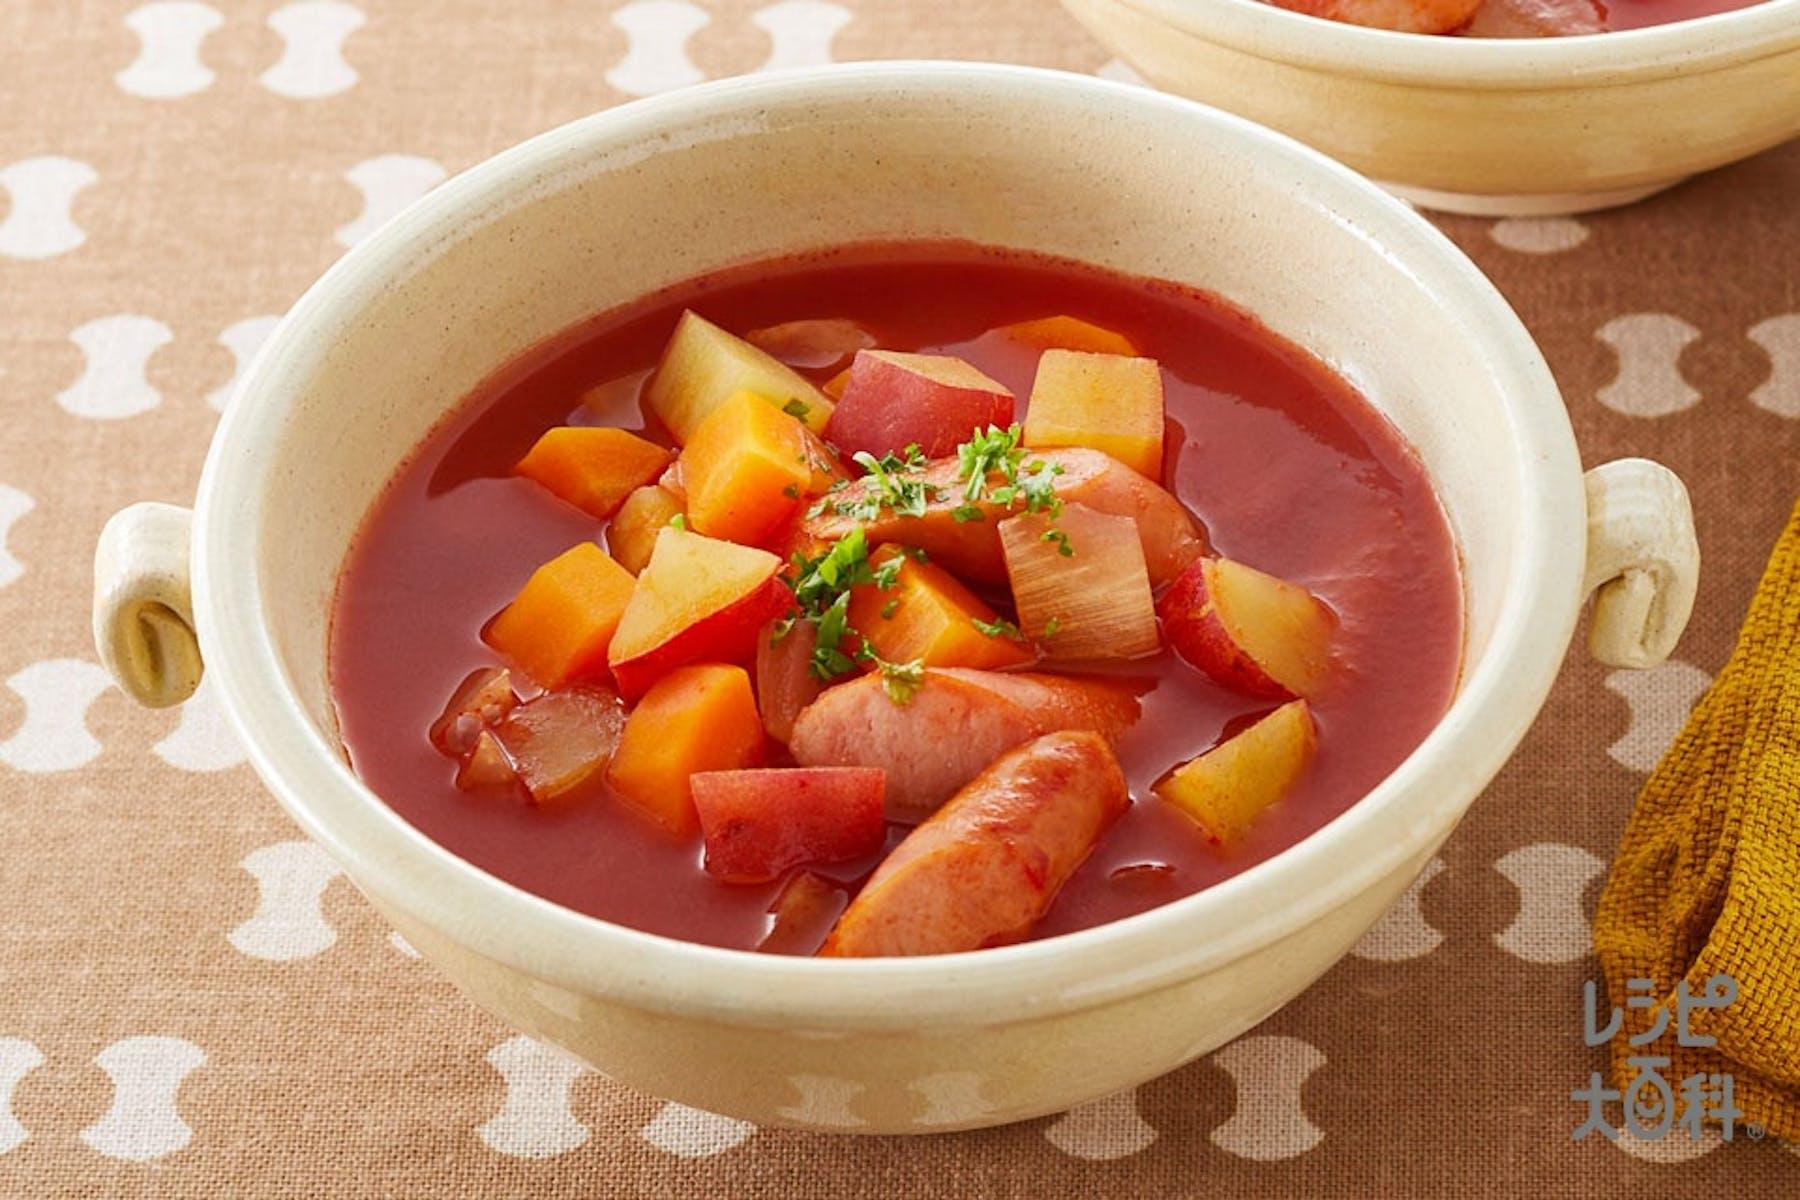 ミネストローネ風さつまいものスープ野菜